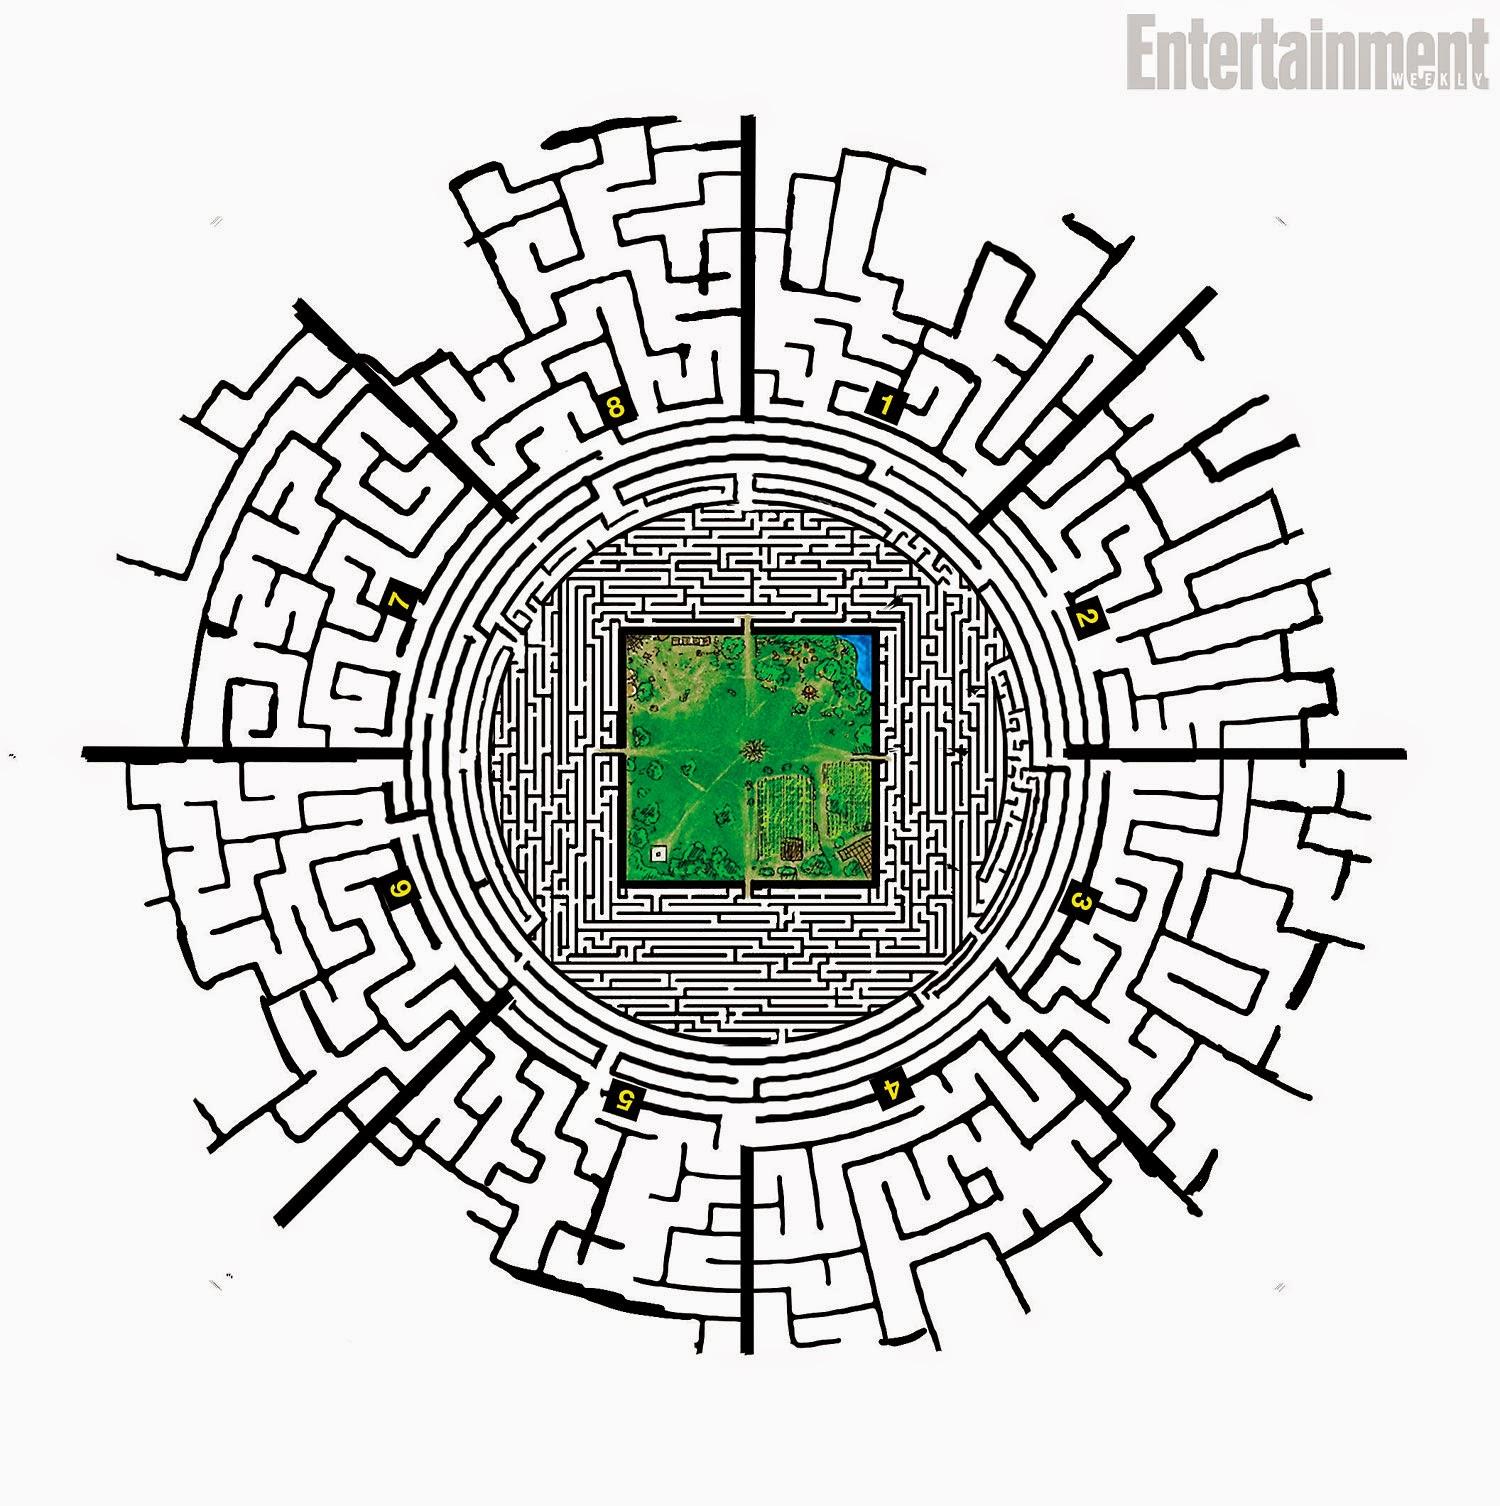 Filmek - Page 3 Maze-Runner-Concept-Art-05_1500